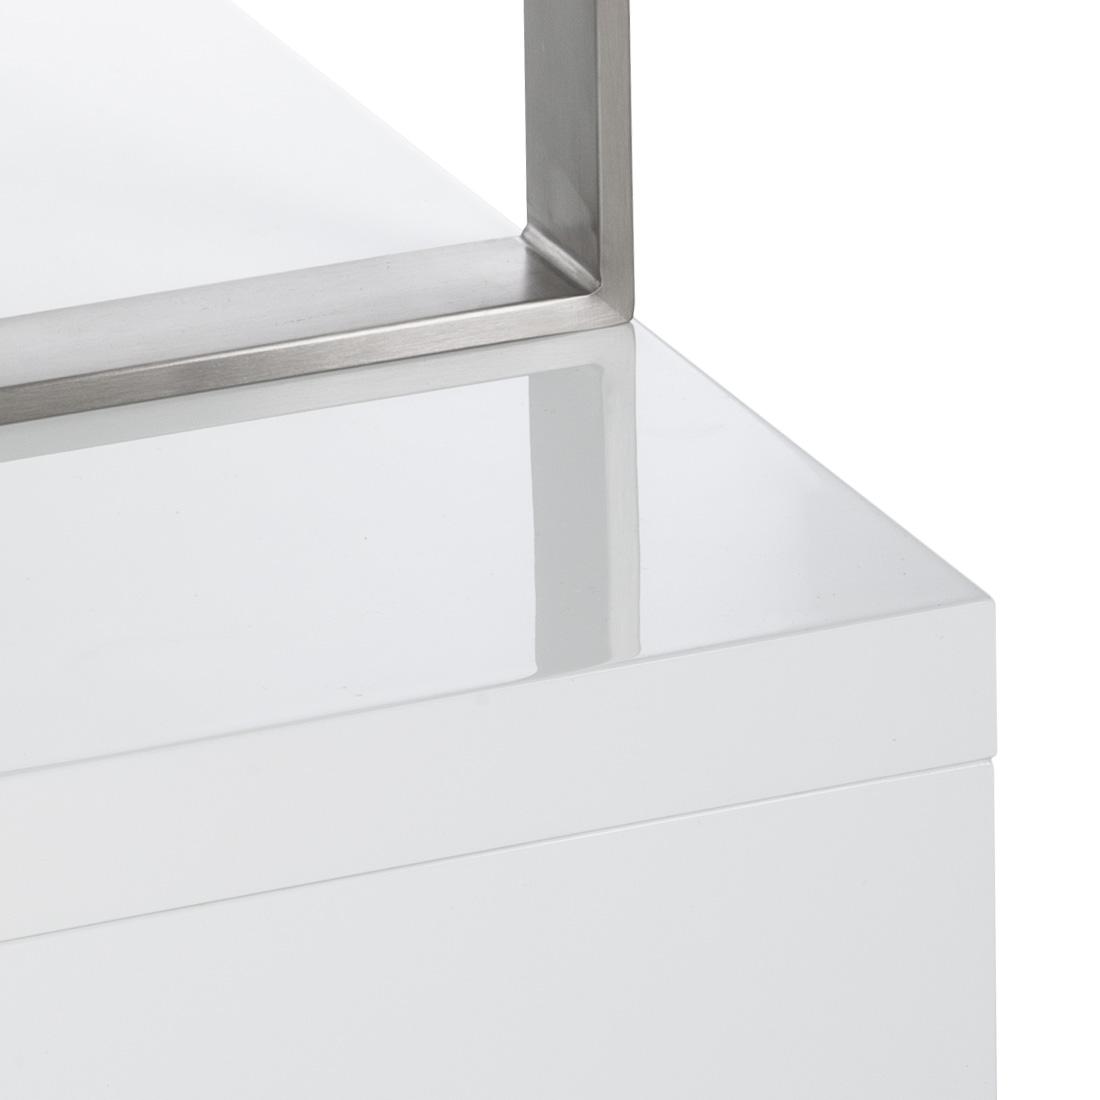 wohnzimmer regal weiß: Raumteiler Weiß Hochglanz Edelstahl Bücherregal Wohnzimmer Regal NEU